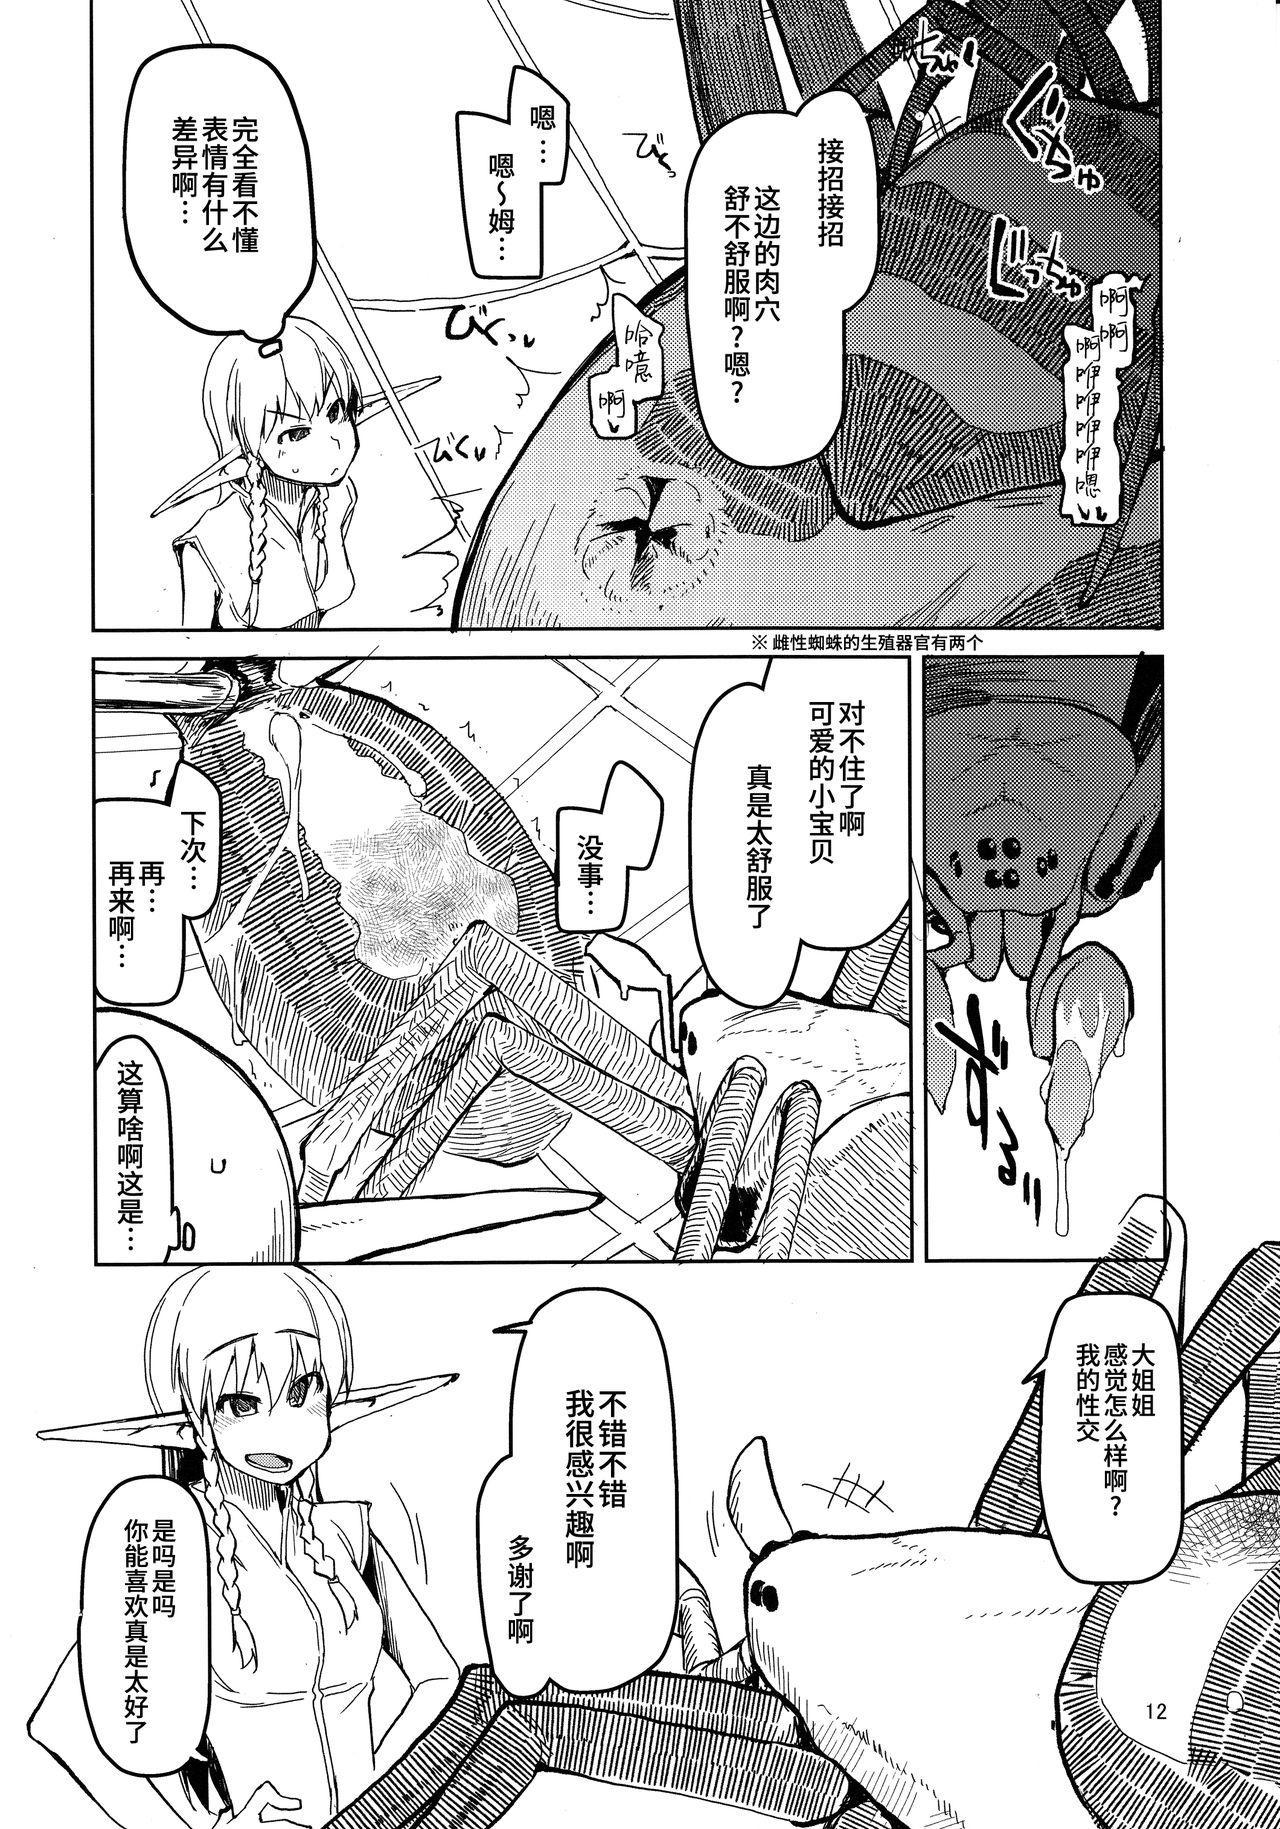 Dosukebe Elf no Ishukan Nikki 5 12